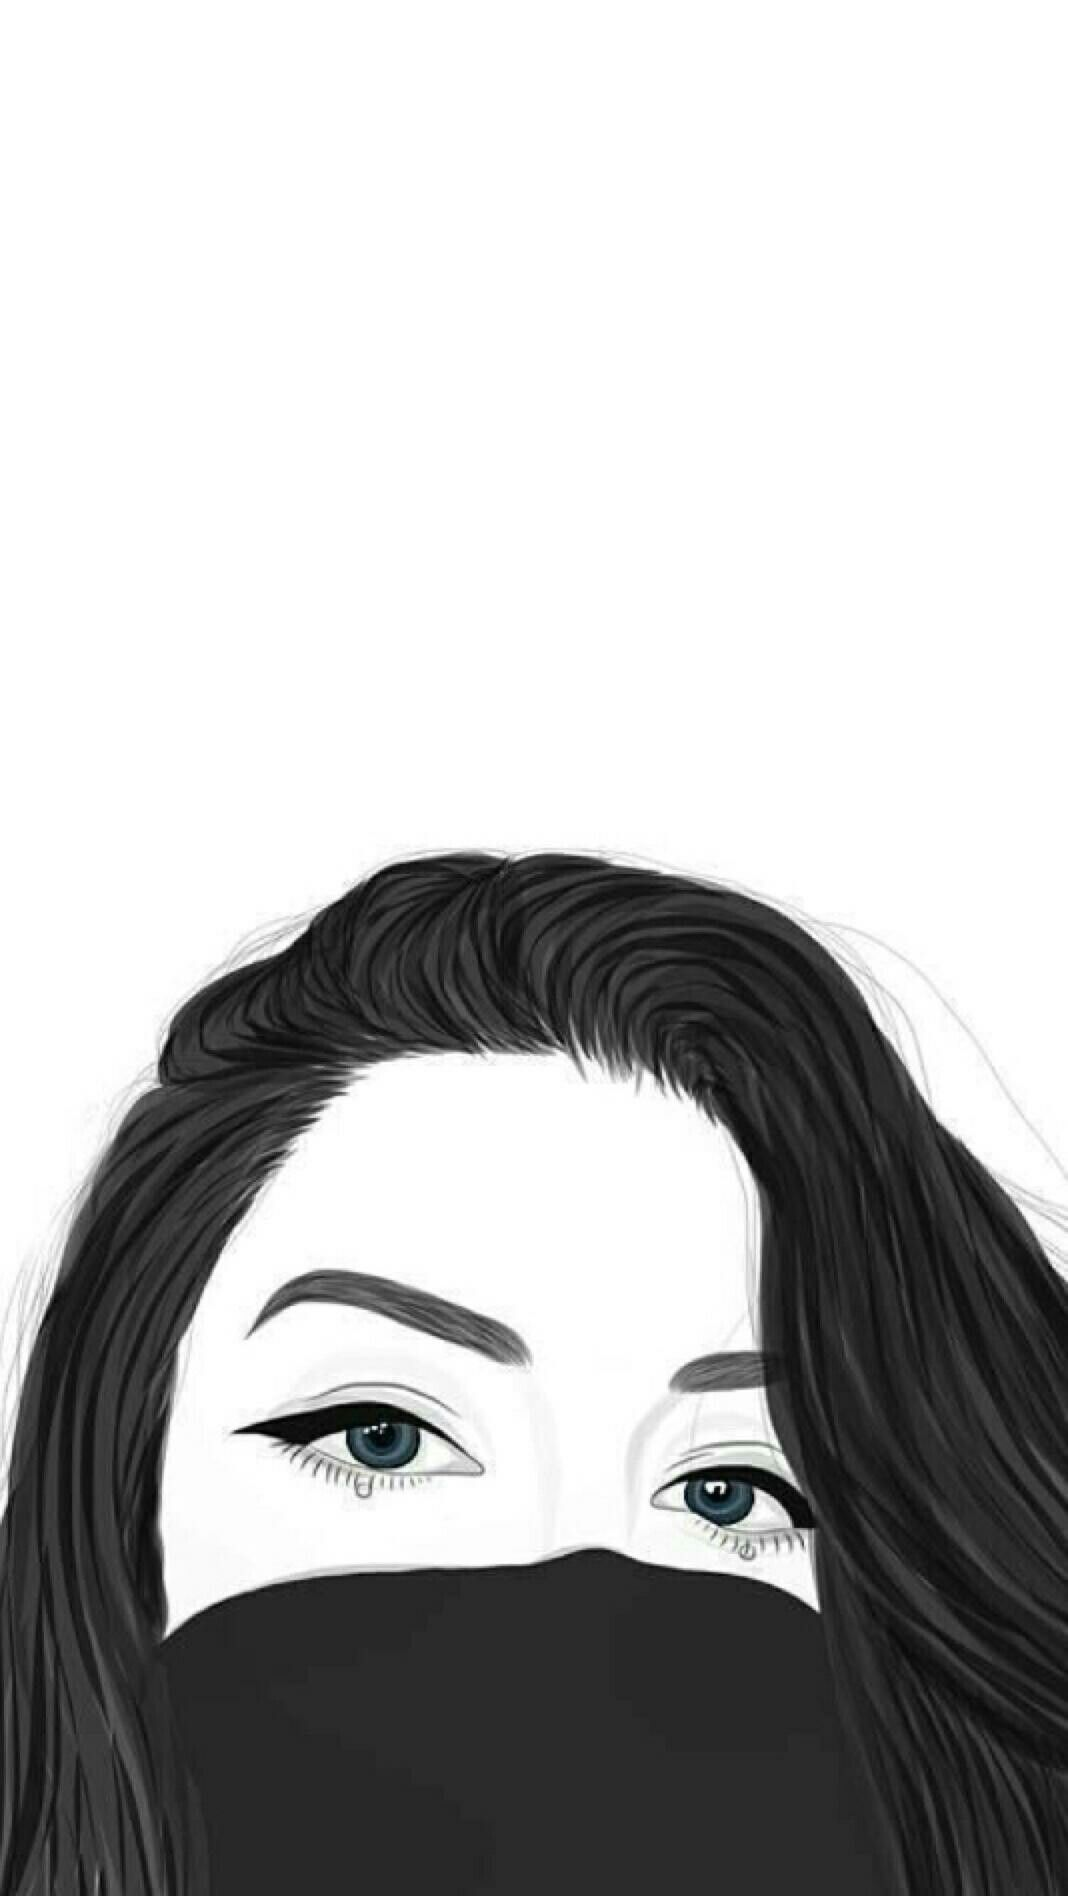 Is It Just Me Or Is This Wallpaper Lit Gambar Ilustrasi Menggambar Rambut